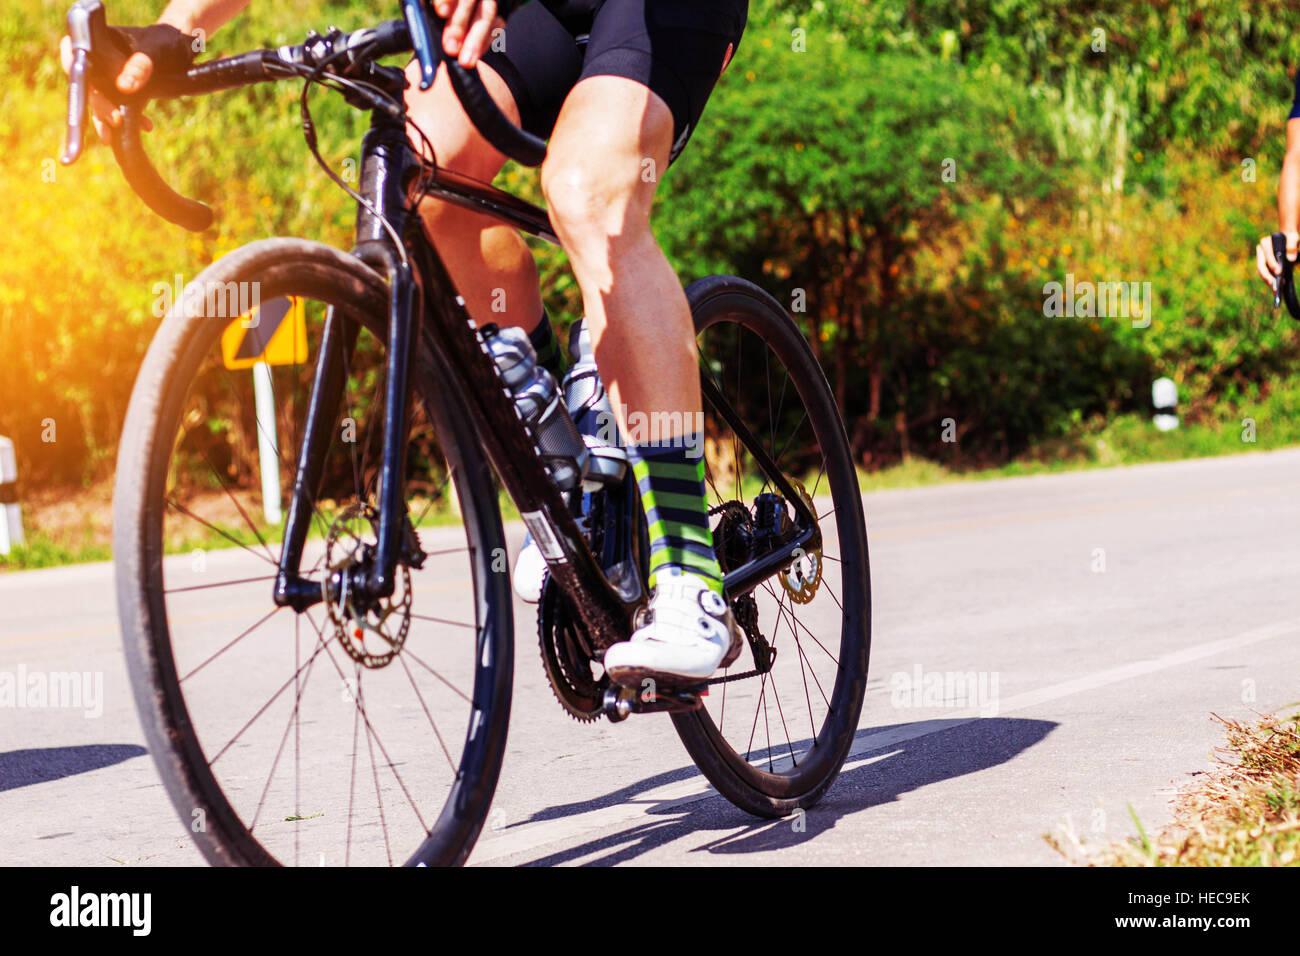 Joven iba en bicicleta por la carretera en la mañana. Imagen De Stock